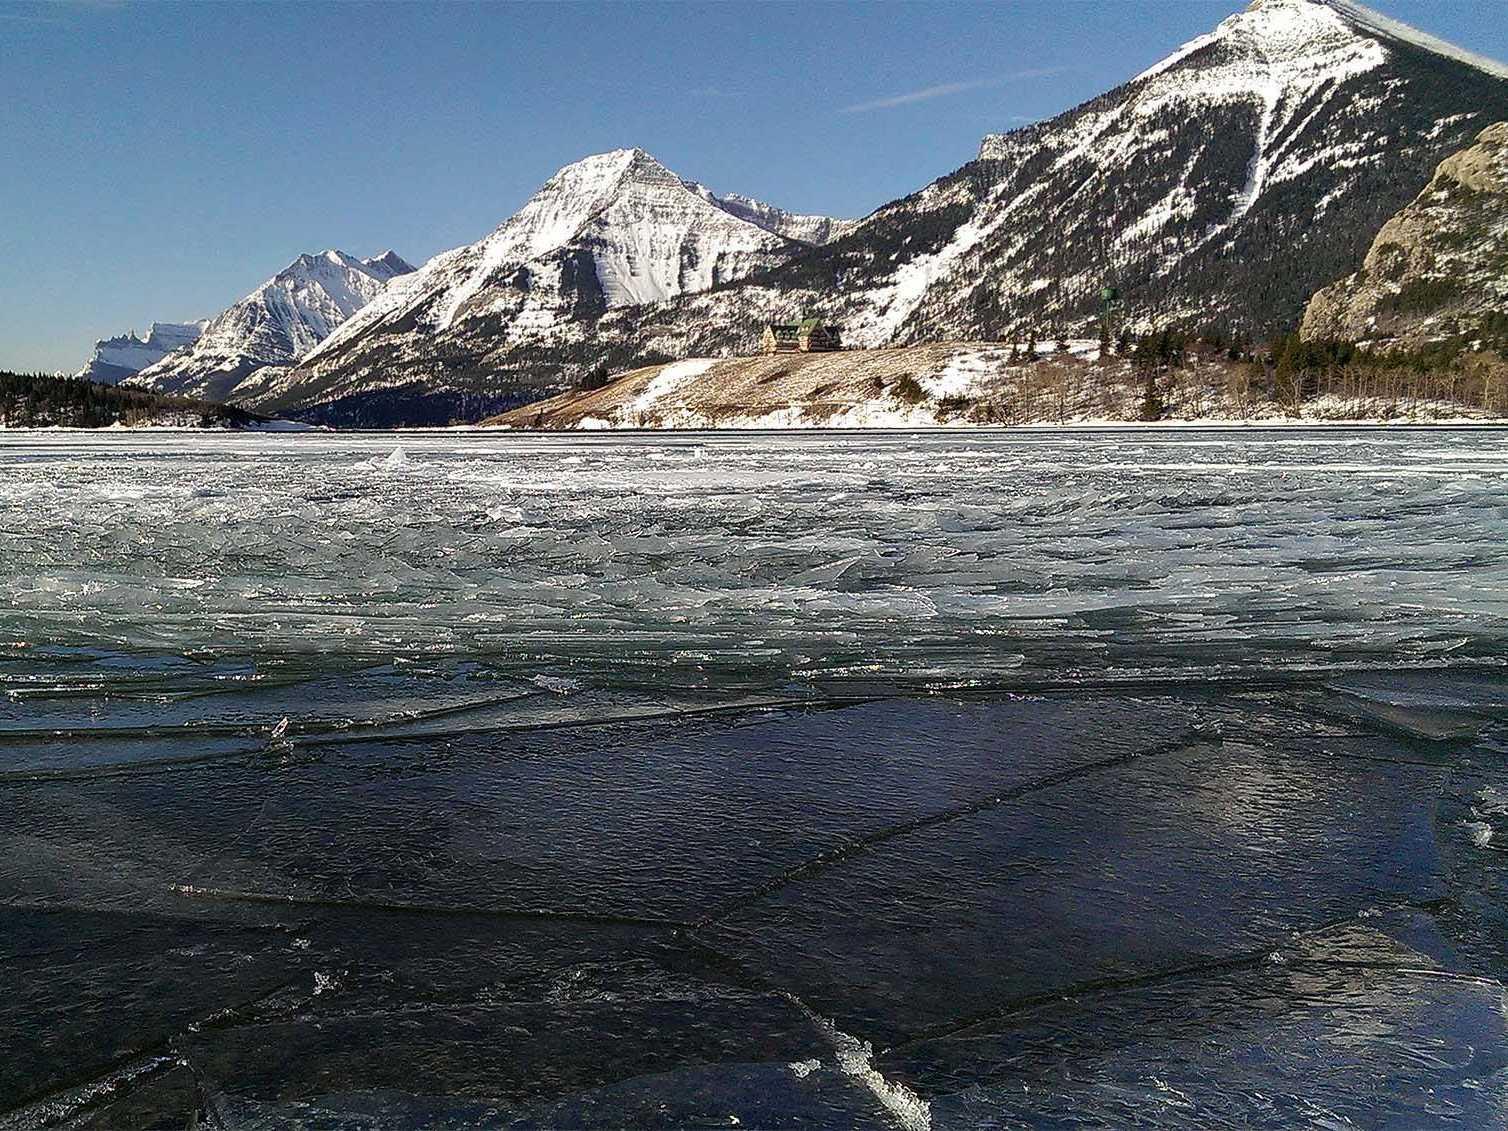 الحديقة الوطنية الجليدية: شمال مونتانا- أمريكا